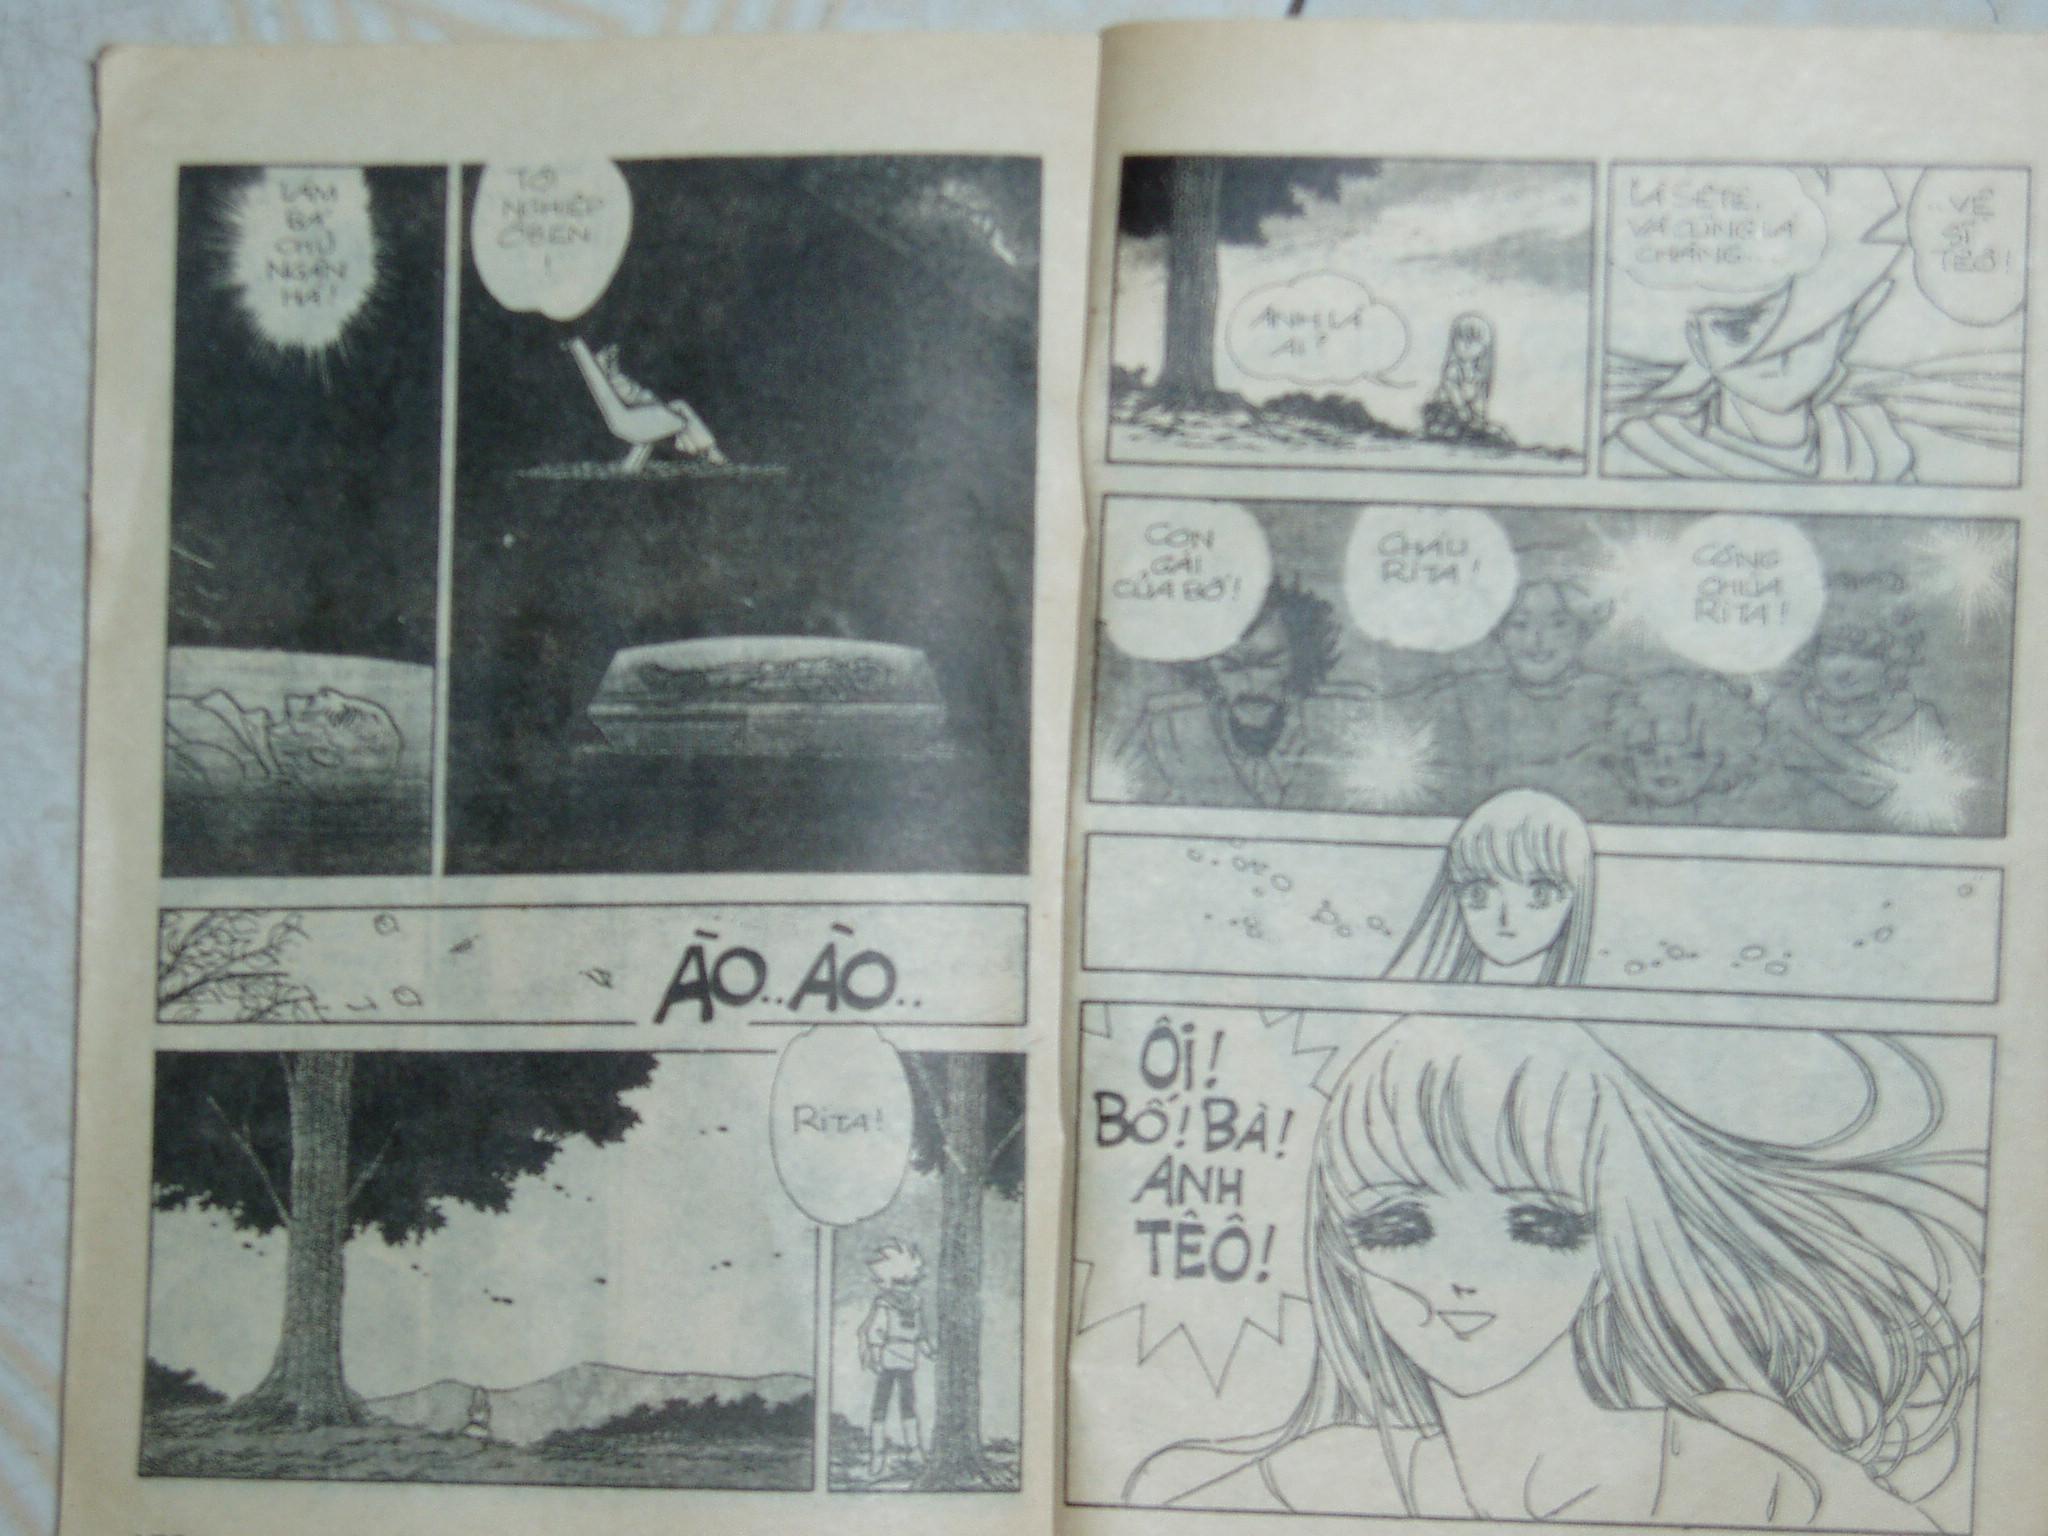 Siêu nhân Locke vol 13 trang 74